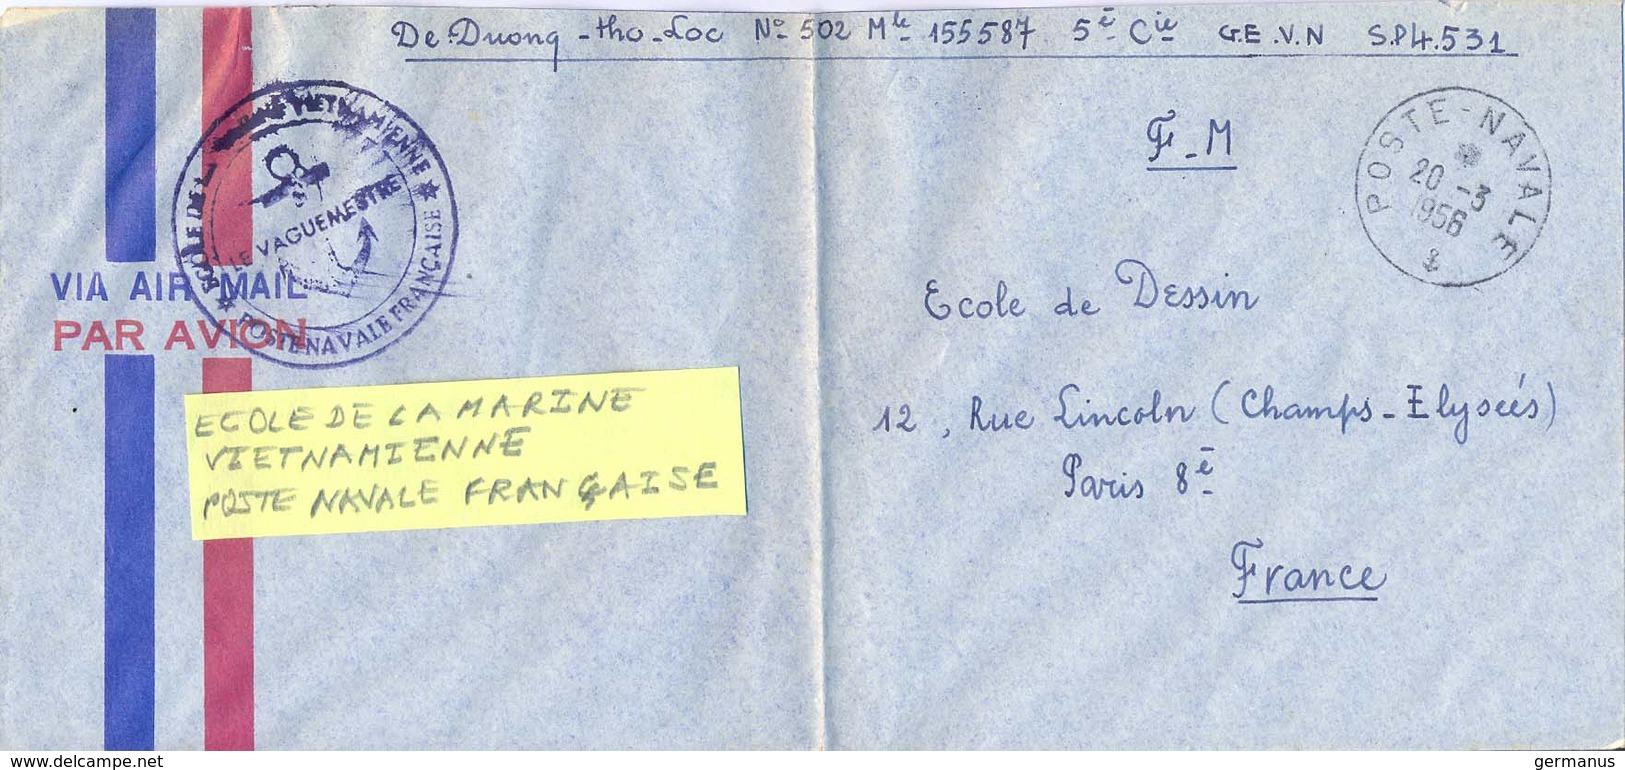 GUERRE D'INDOCHINE VIET-NAM ECOLE DE LA MARINE VIETNAMIENNE * POSTE NVALE FRANÇAISE * TàD POSTE NAVALE Du 20-3-1956 - Postmark Collection (Covers)